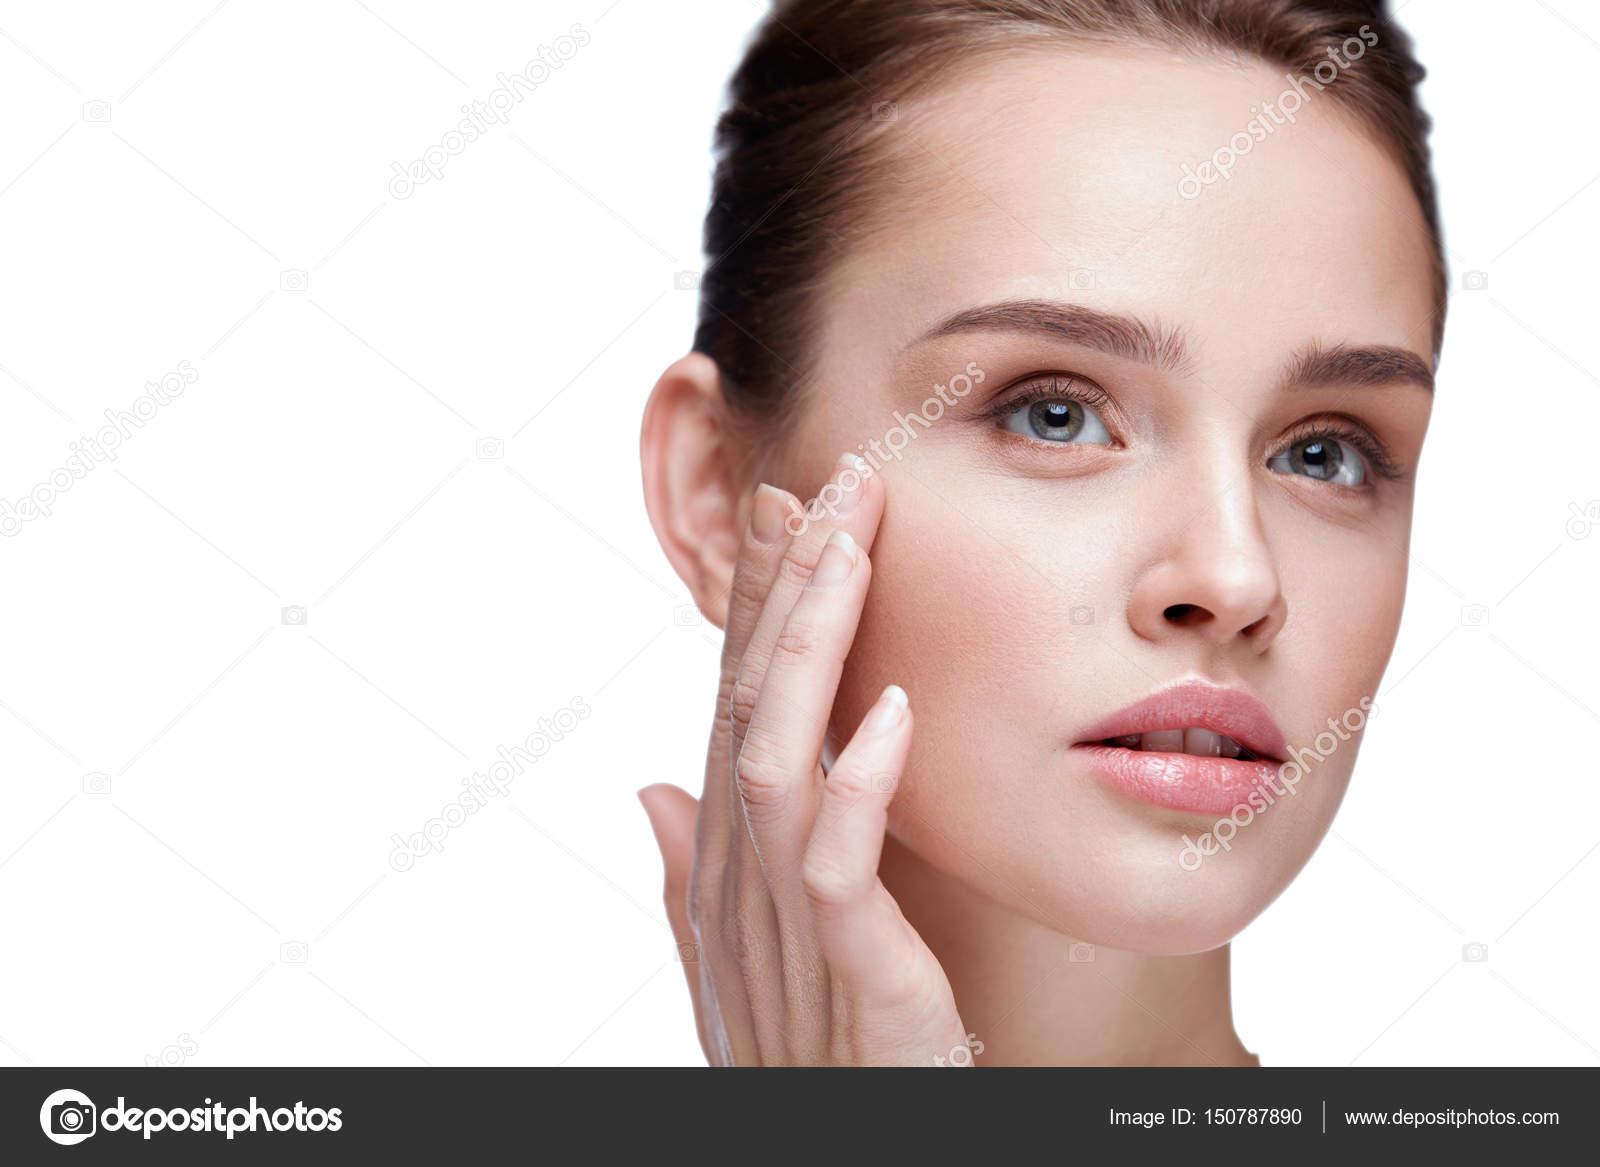 gladde huid gezicht